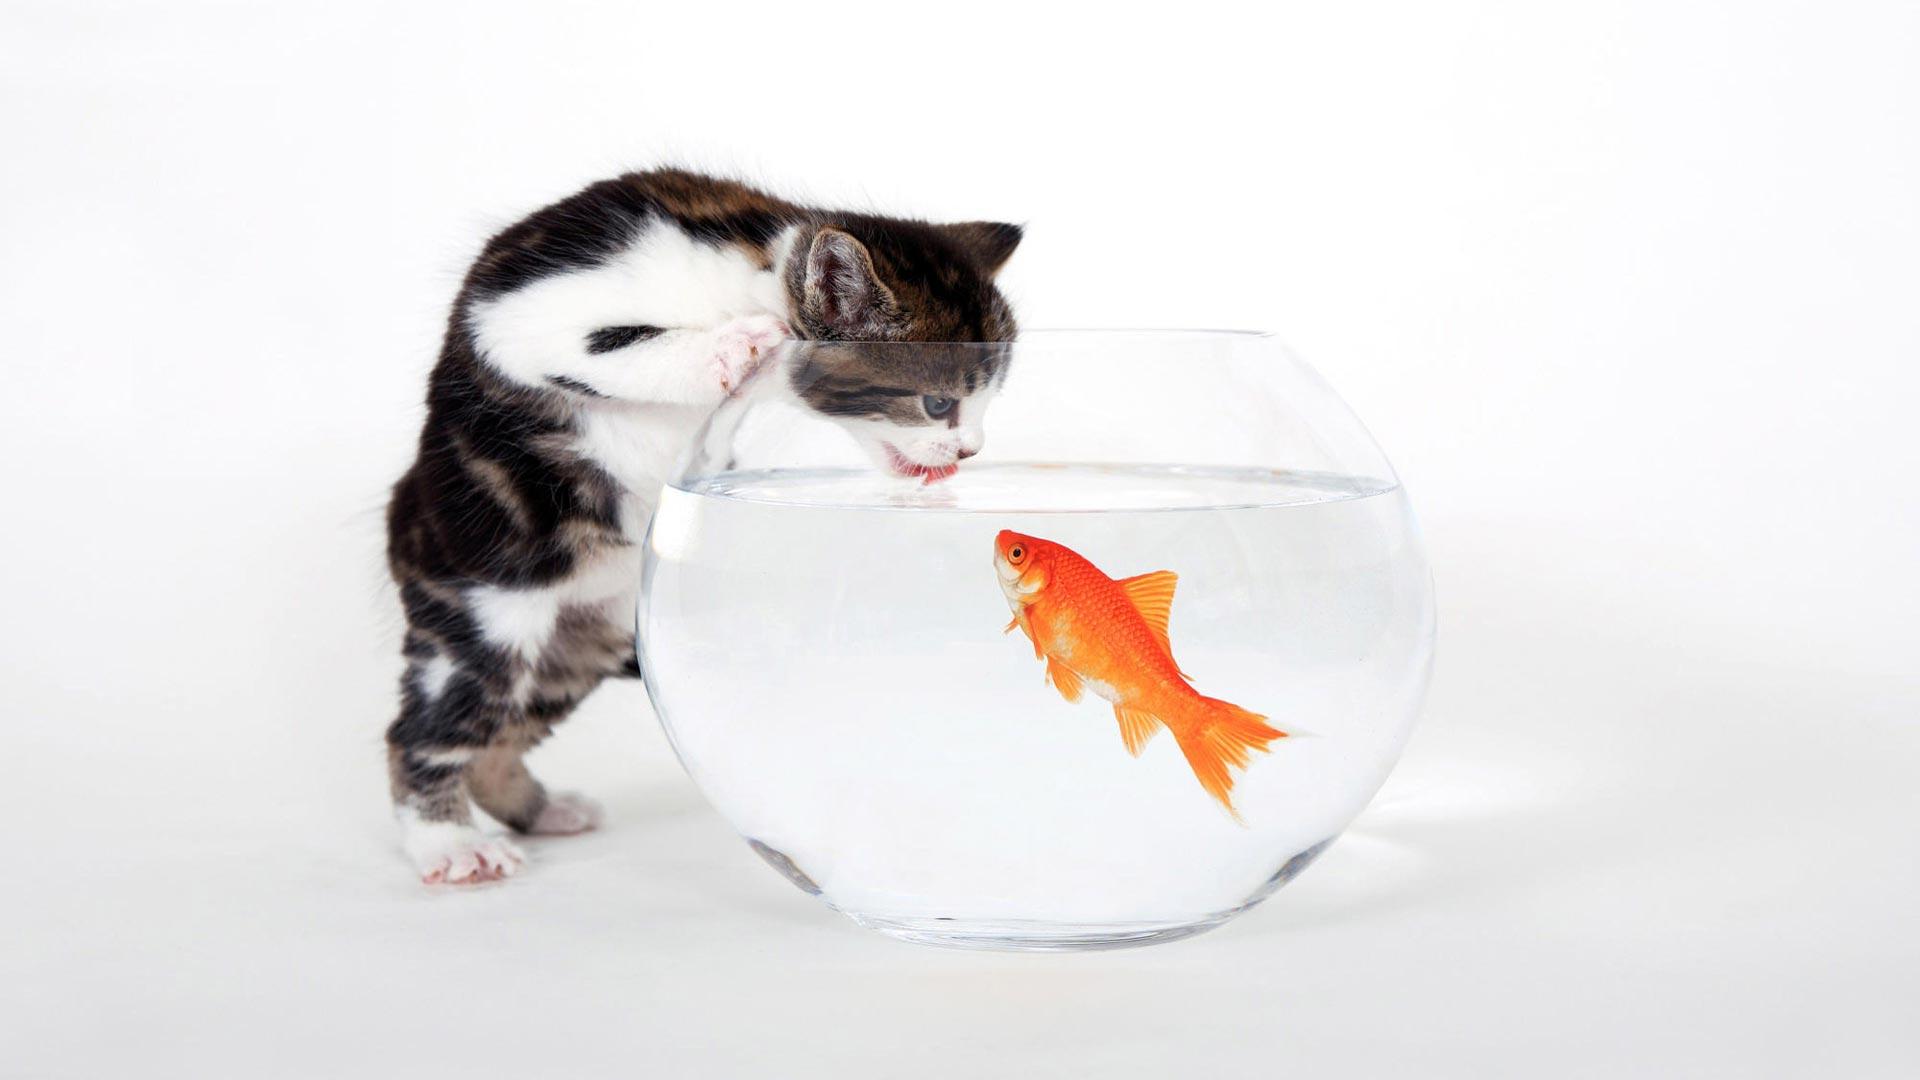 серый кот с рыбкой  № 692209 бесплатно